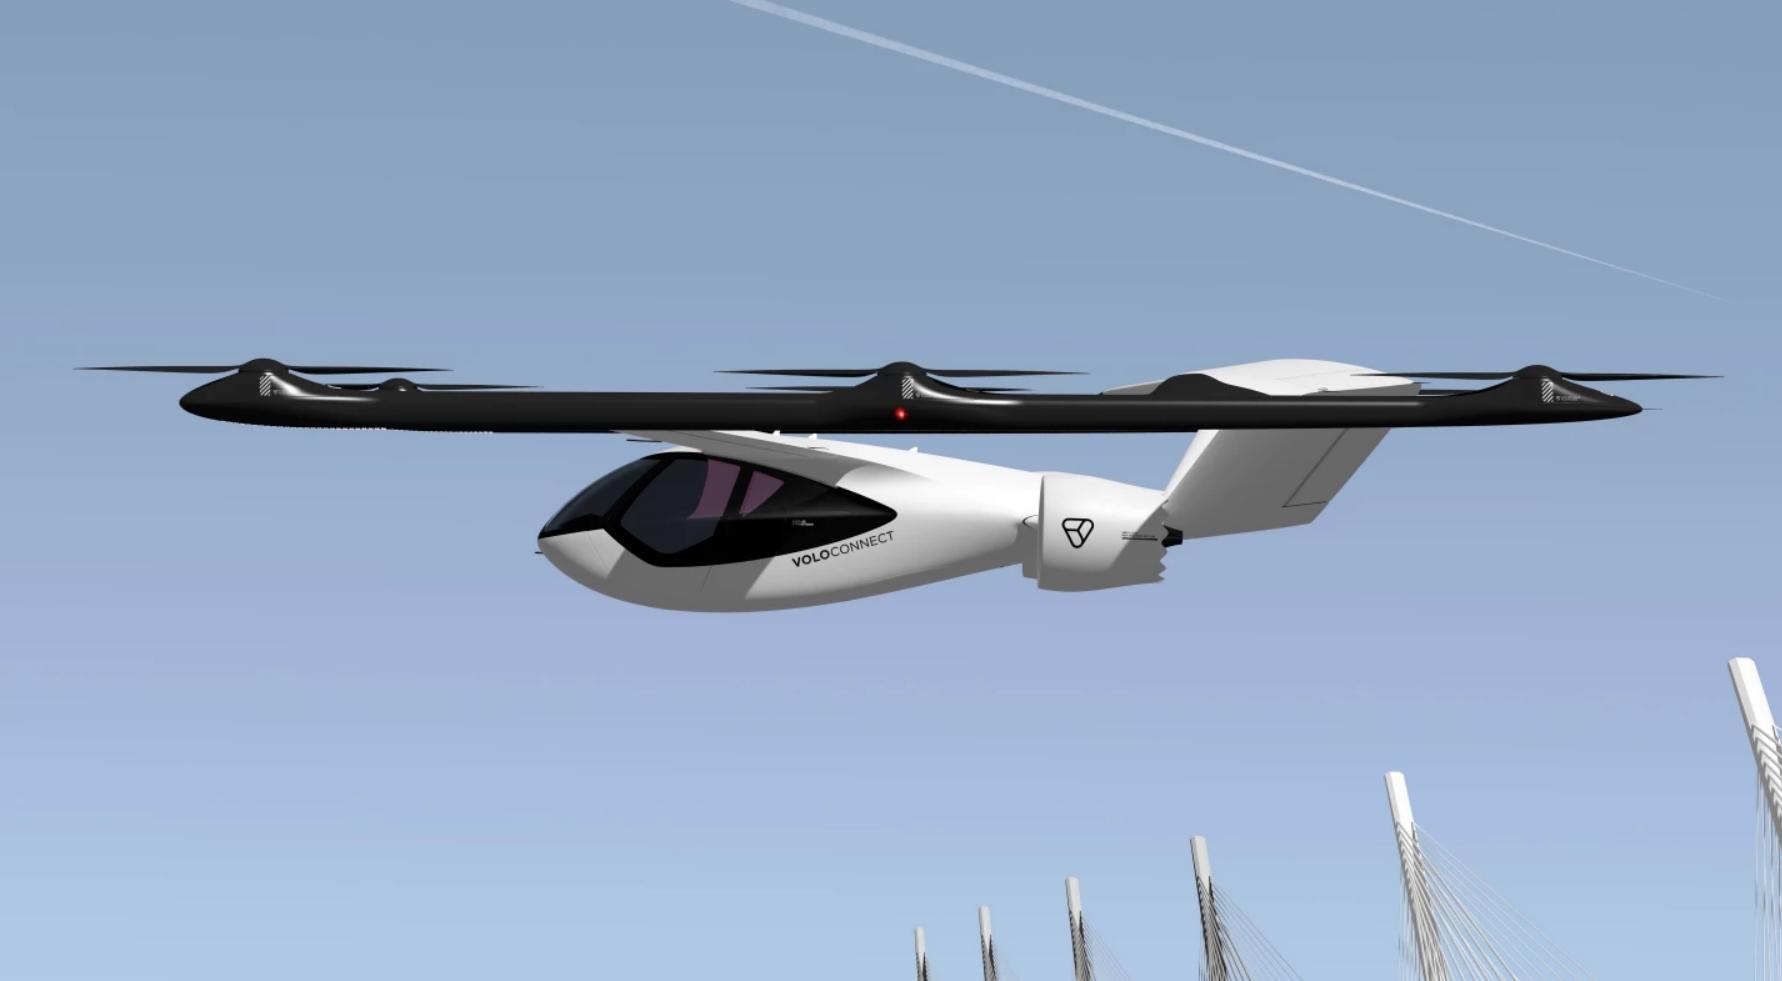 Volocopter выпустила принципиально новую модель воздушного такси для дальних перелетов (фото)